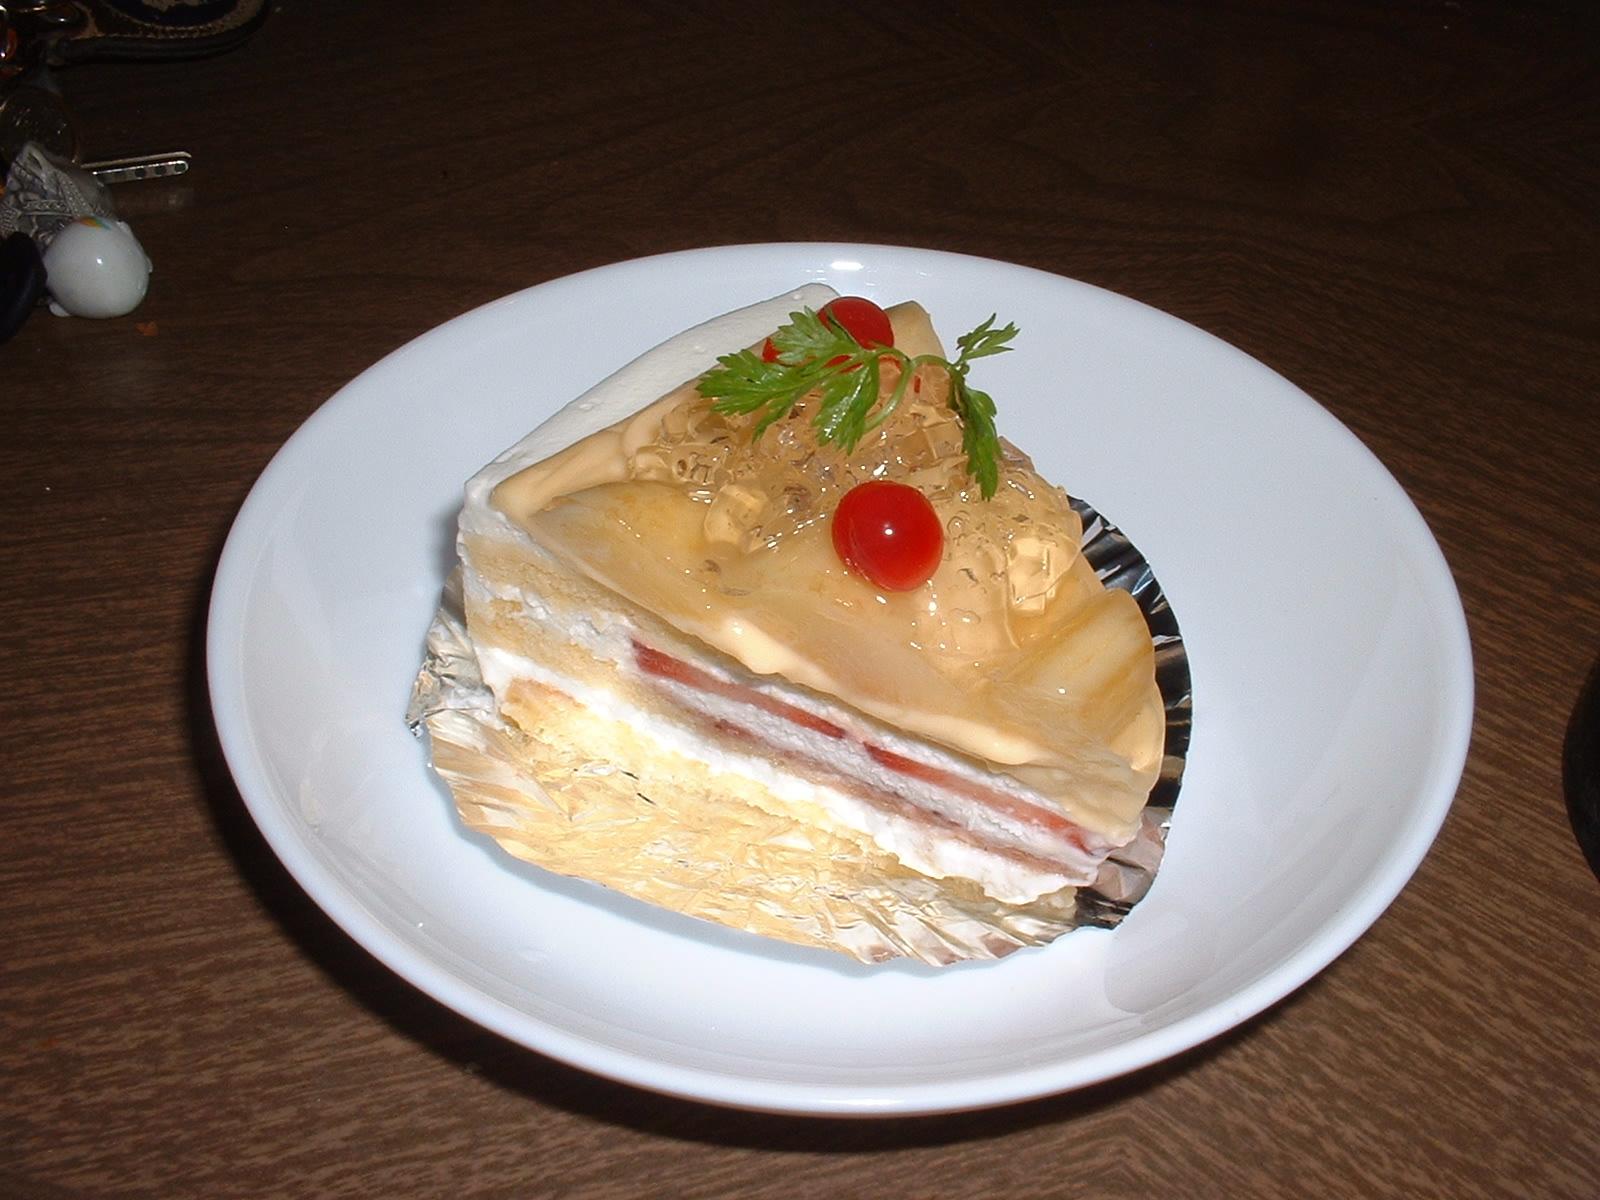 今日の甘いもの 2014年07月30日 ノエル「白桃のショートケーキ」 Doburoku-TAO.JPG